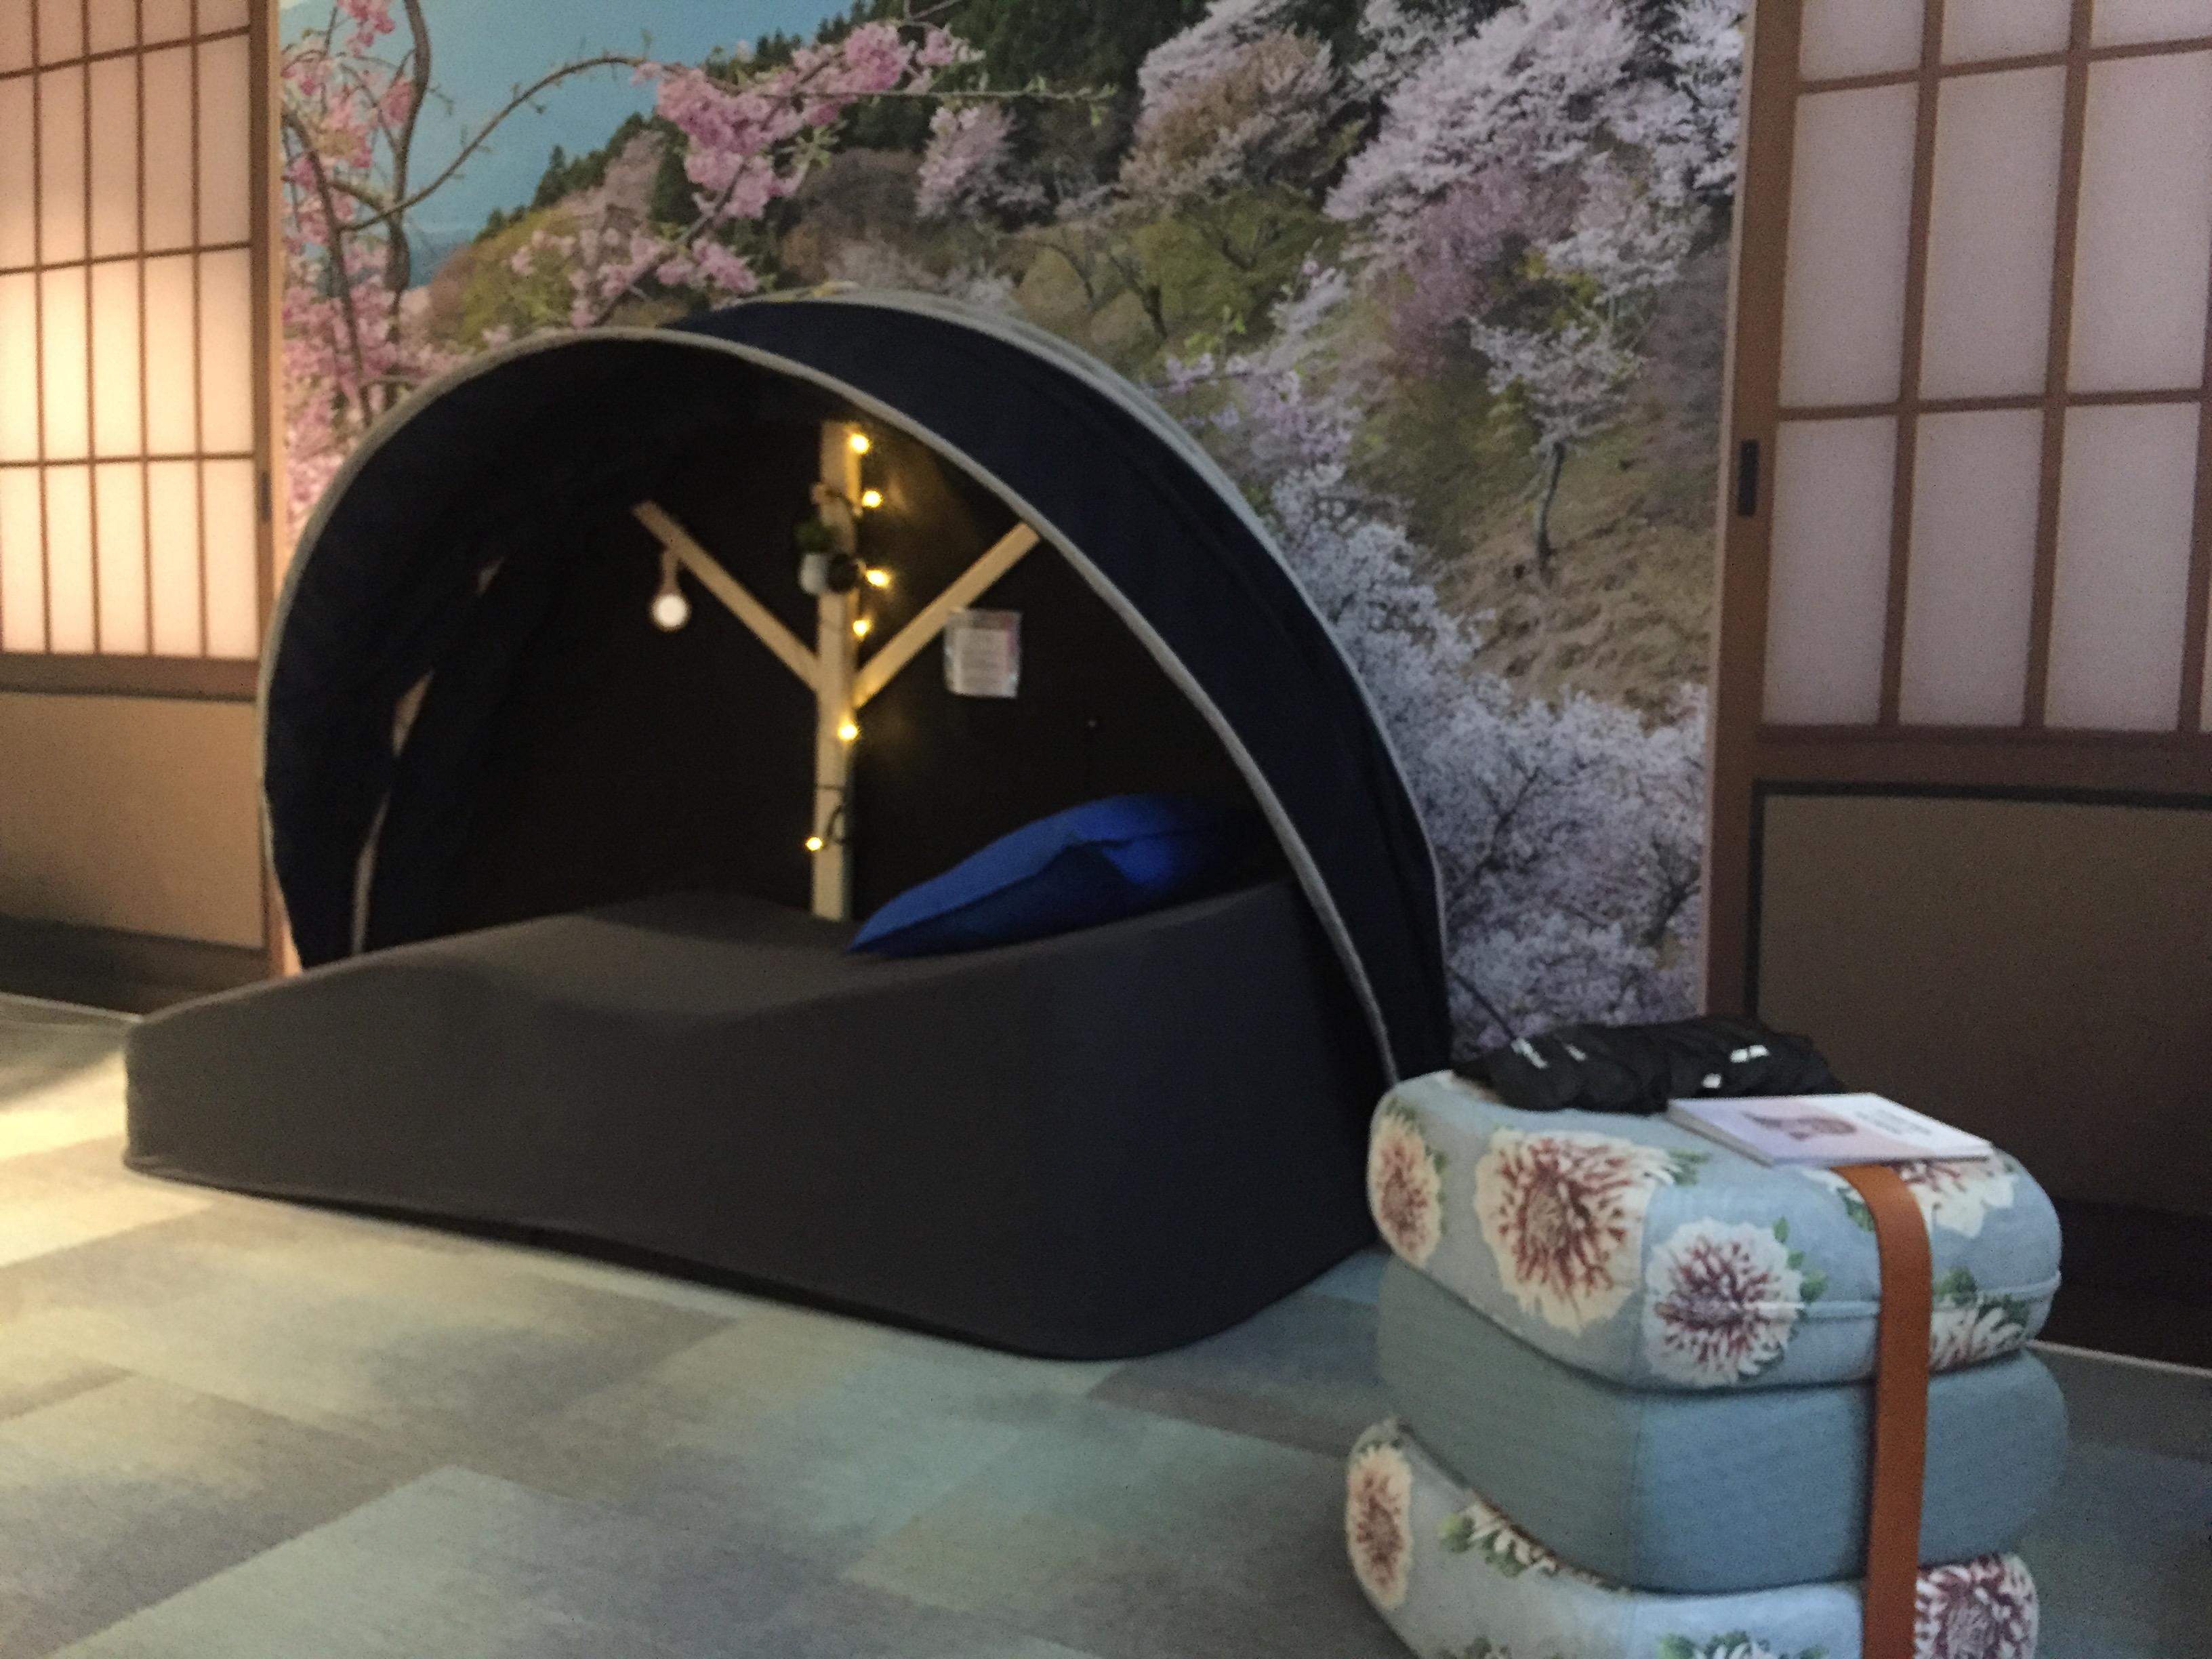 Installation d'un espace de sieste chez Iliad - sieste au travail - sieste en entreprise